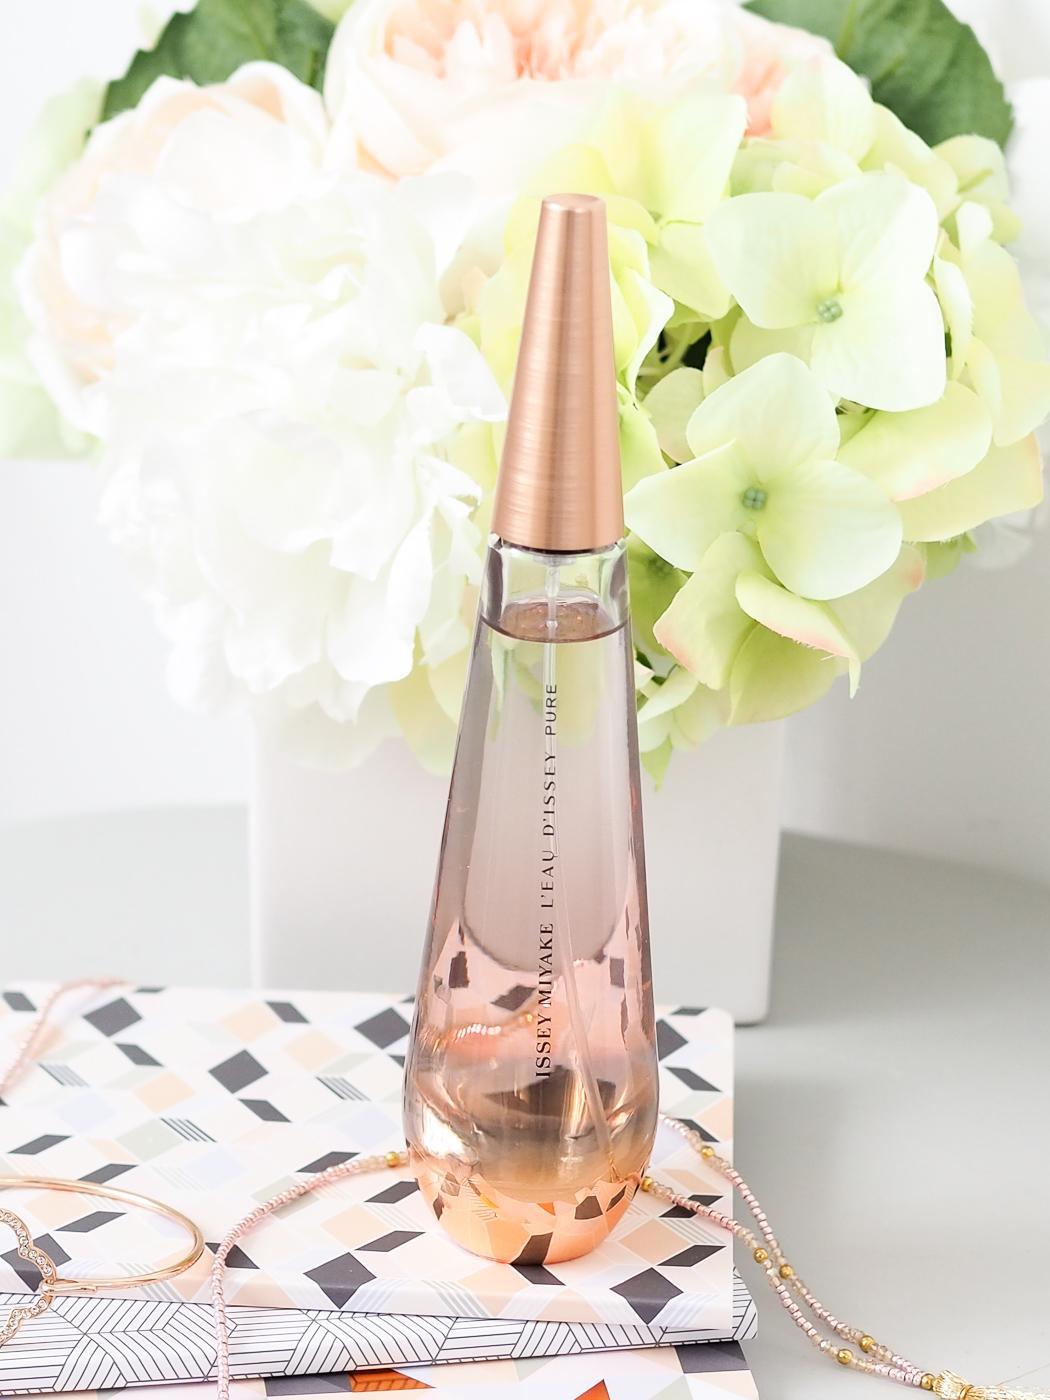 Issey Miyake perfume rose gold